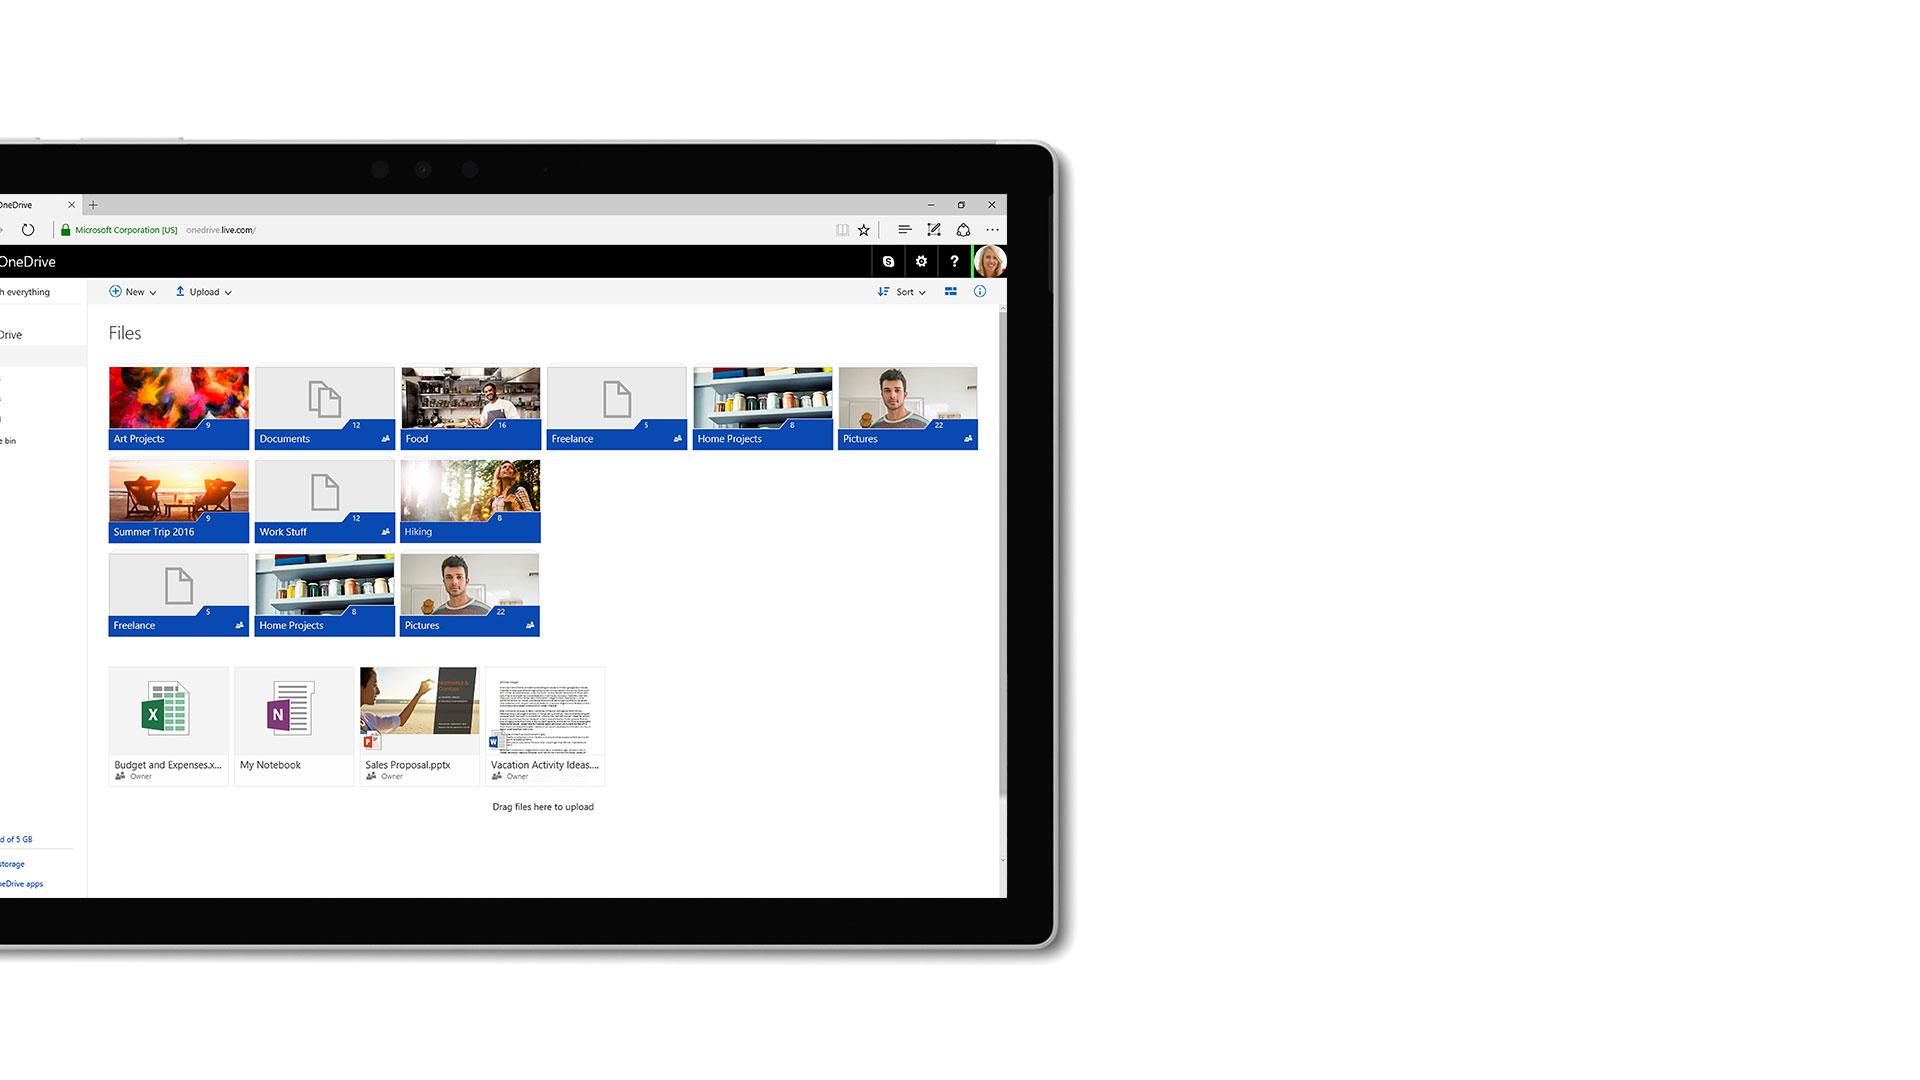 Produktbild der Benutzeroberfläche von Microsoft OneDrive